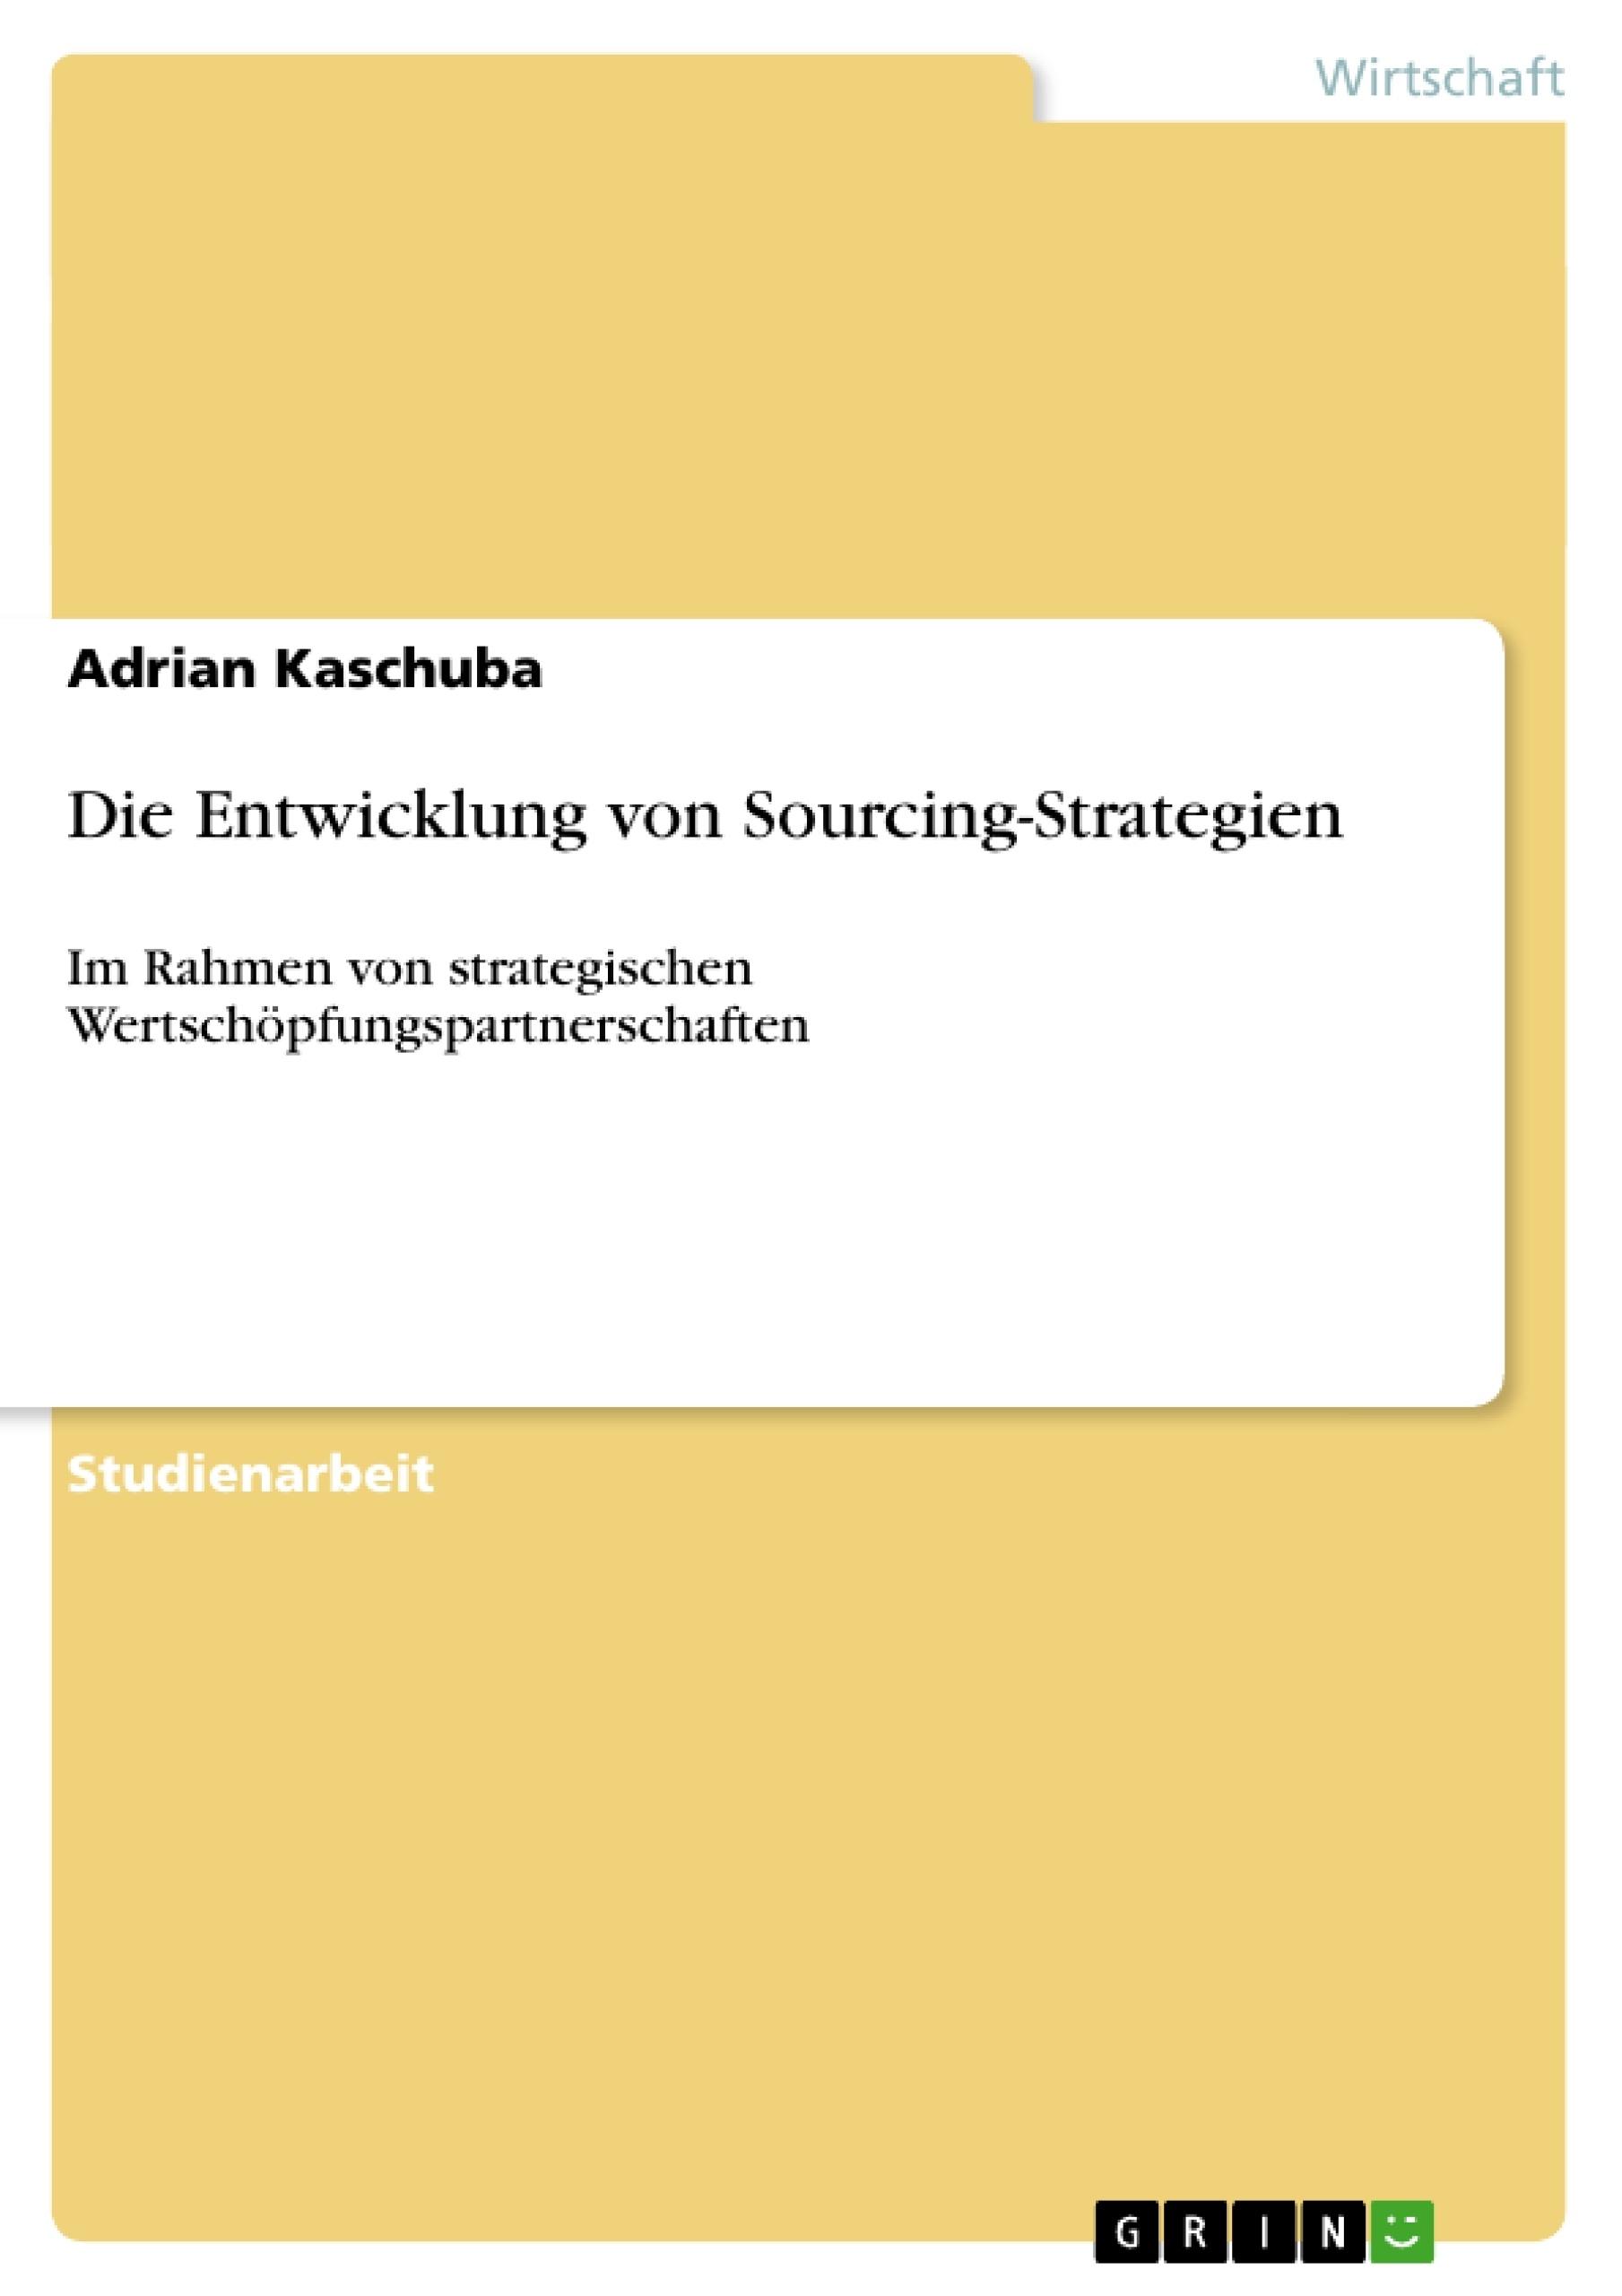 Titel: Die Entwicklung von Sourcing-Strategien